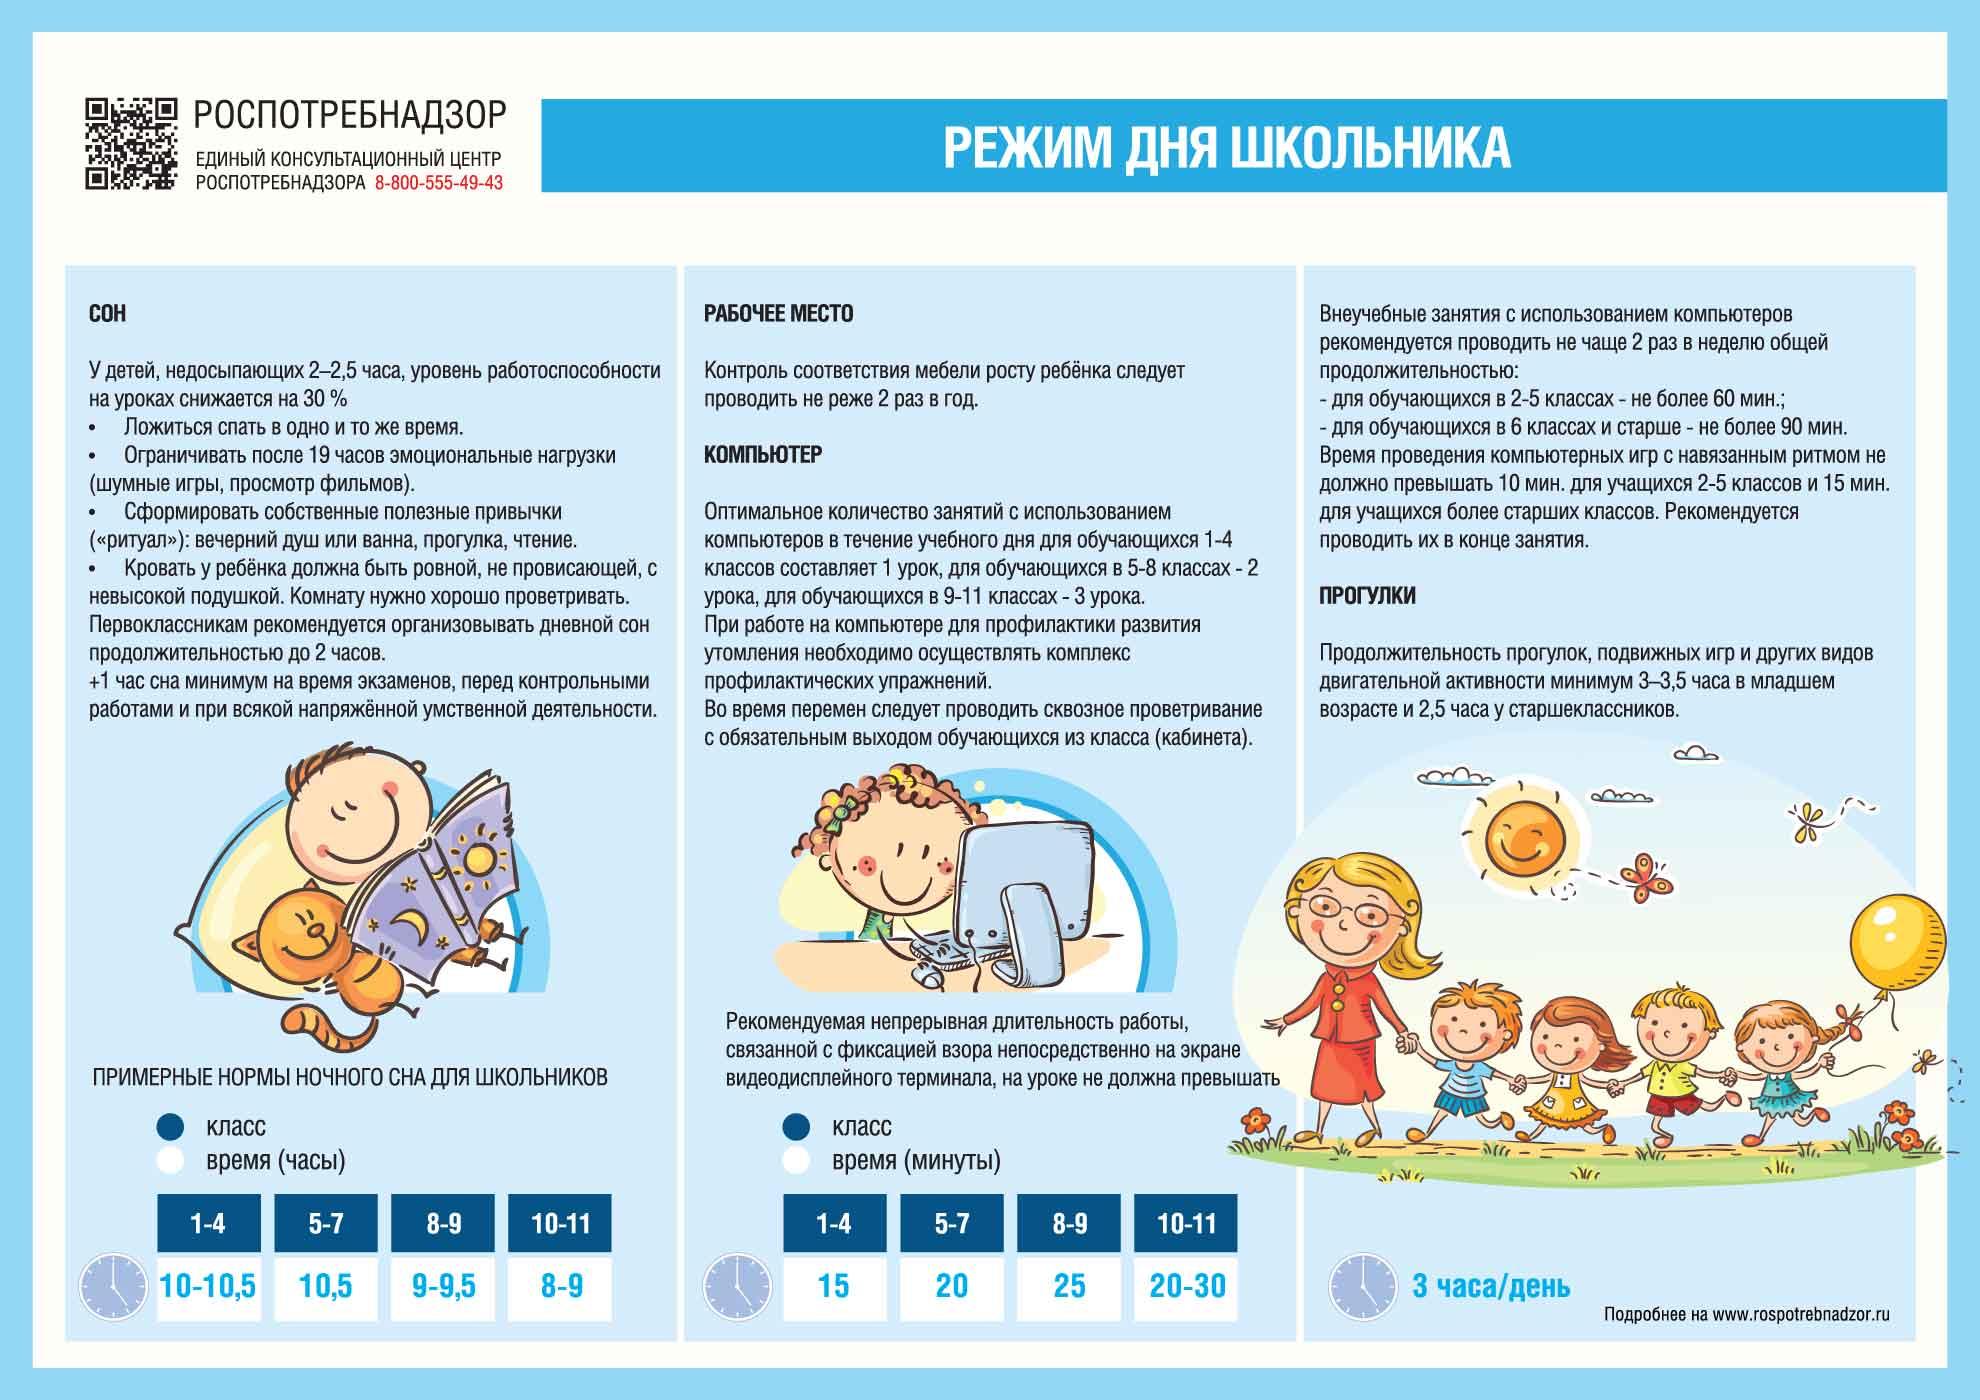 О рекомендациях по режиму дня для школьников